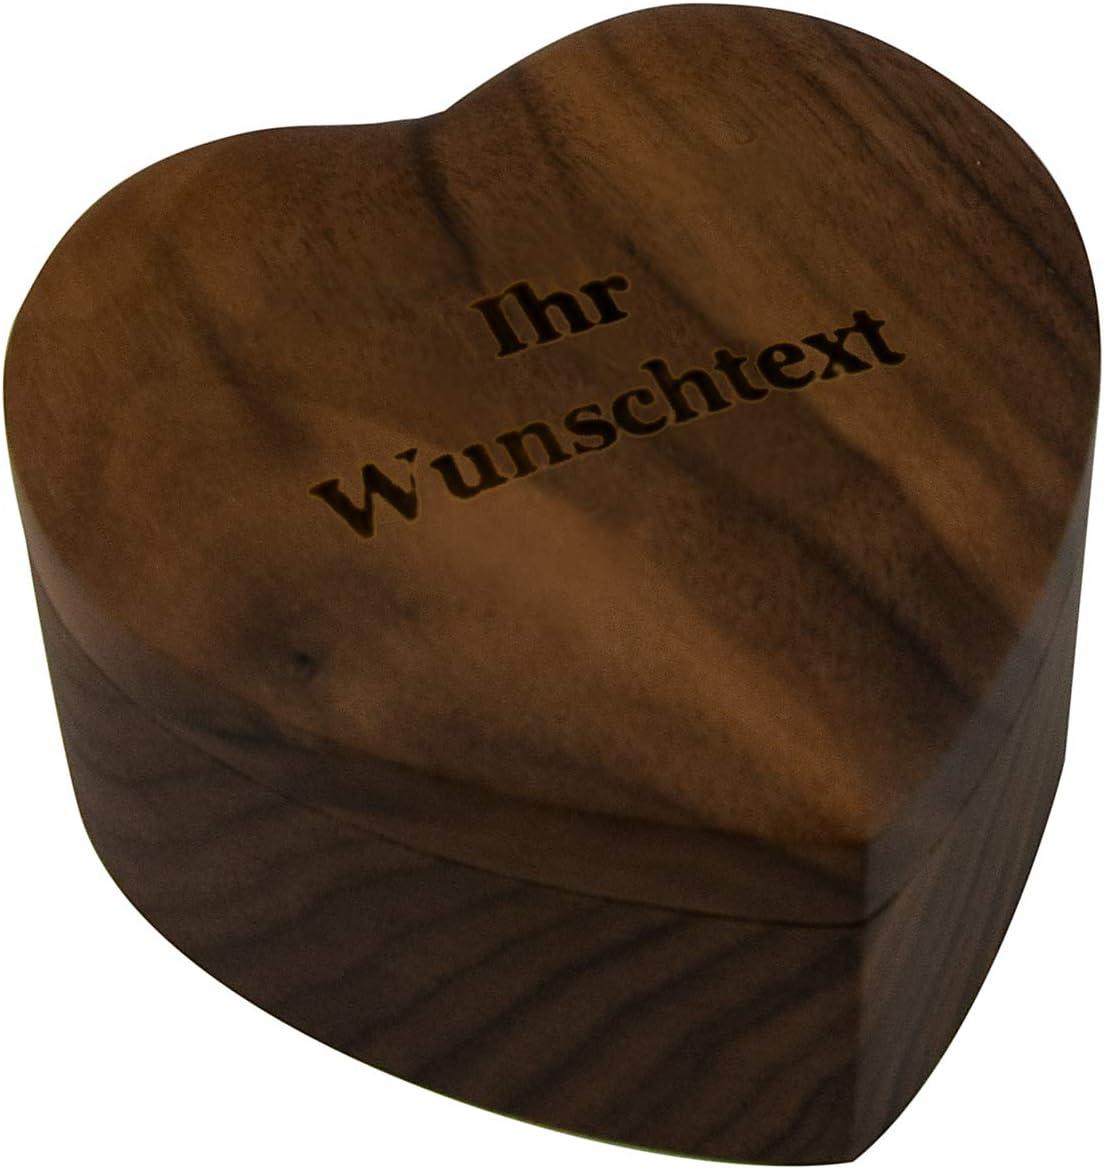 Geschenke 24 Ringbox Ringkissen Hochzeit Mit Gravur Herzen Bambus Holz Herz Gravierte Ringtr/äger F/ür Ringe Mit Namen Und Datum Trauung